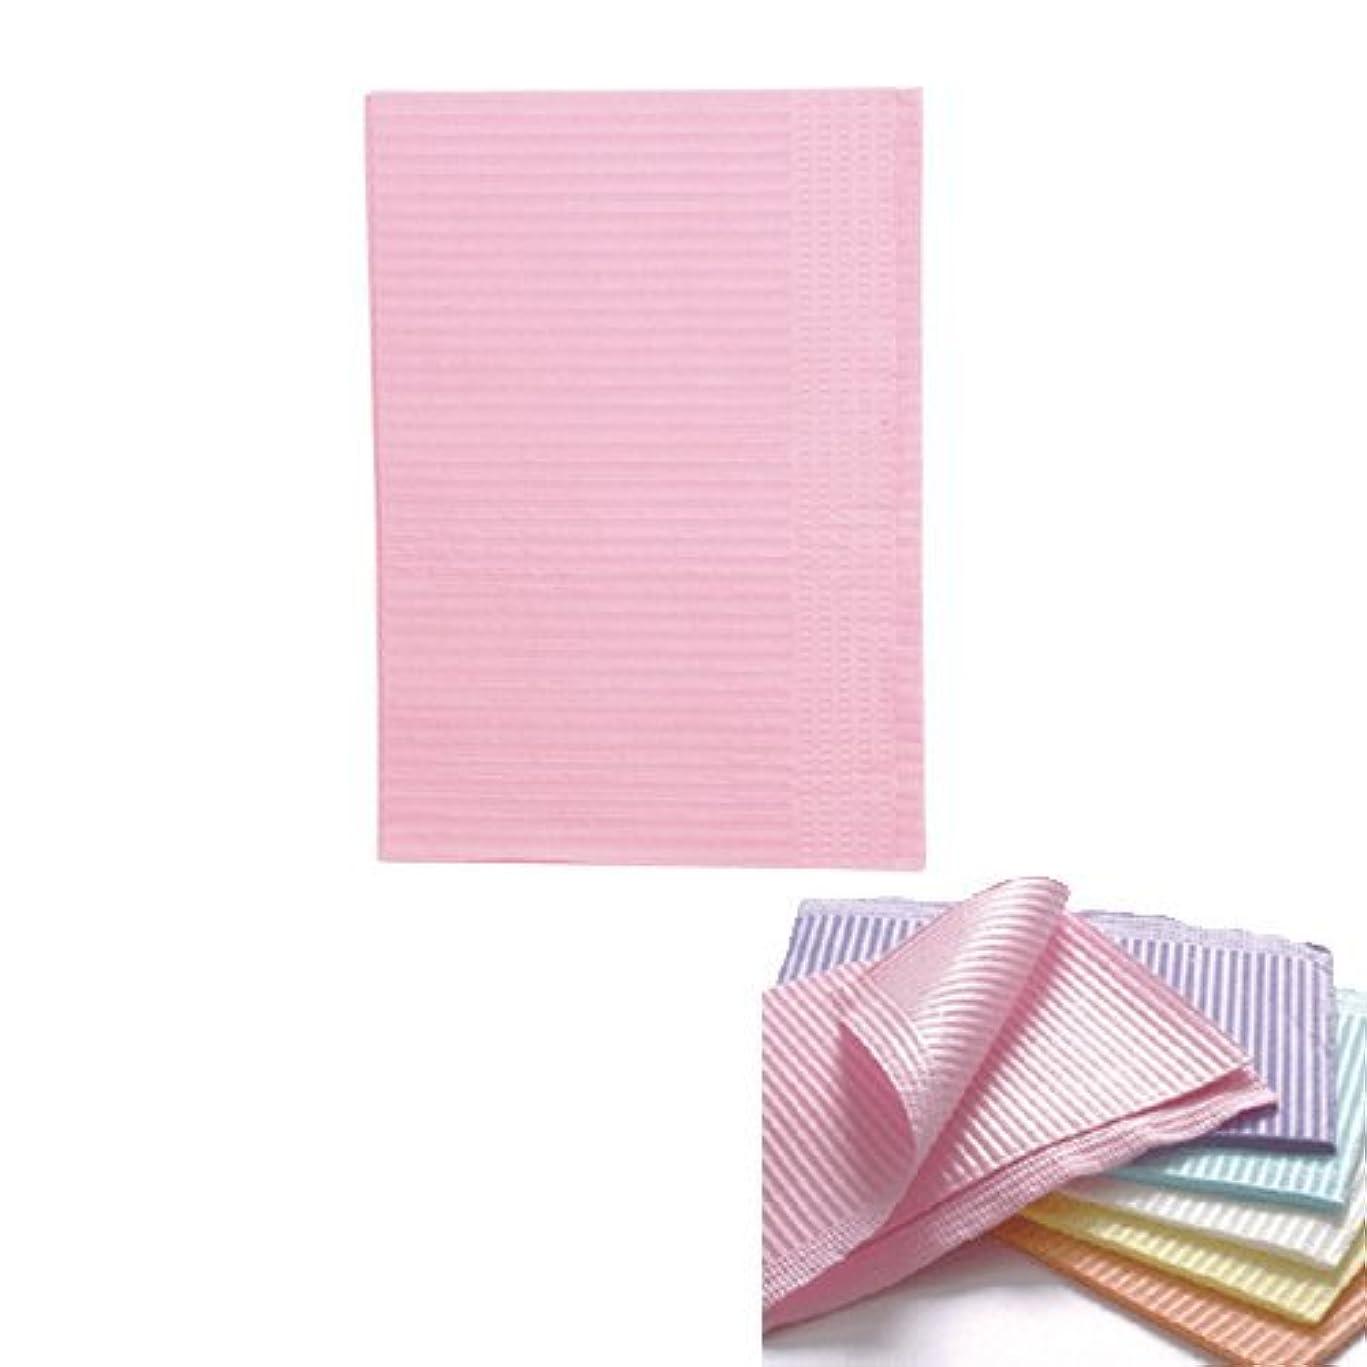 四記憶に残る落ち着くネイル 防水ペーパー/裏面防水ネイルシート 50枚 ピンク